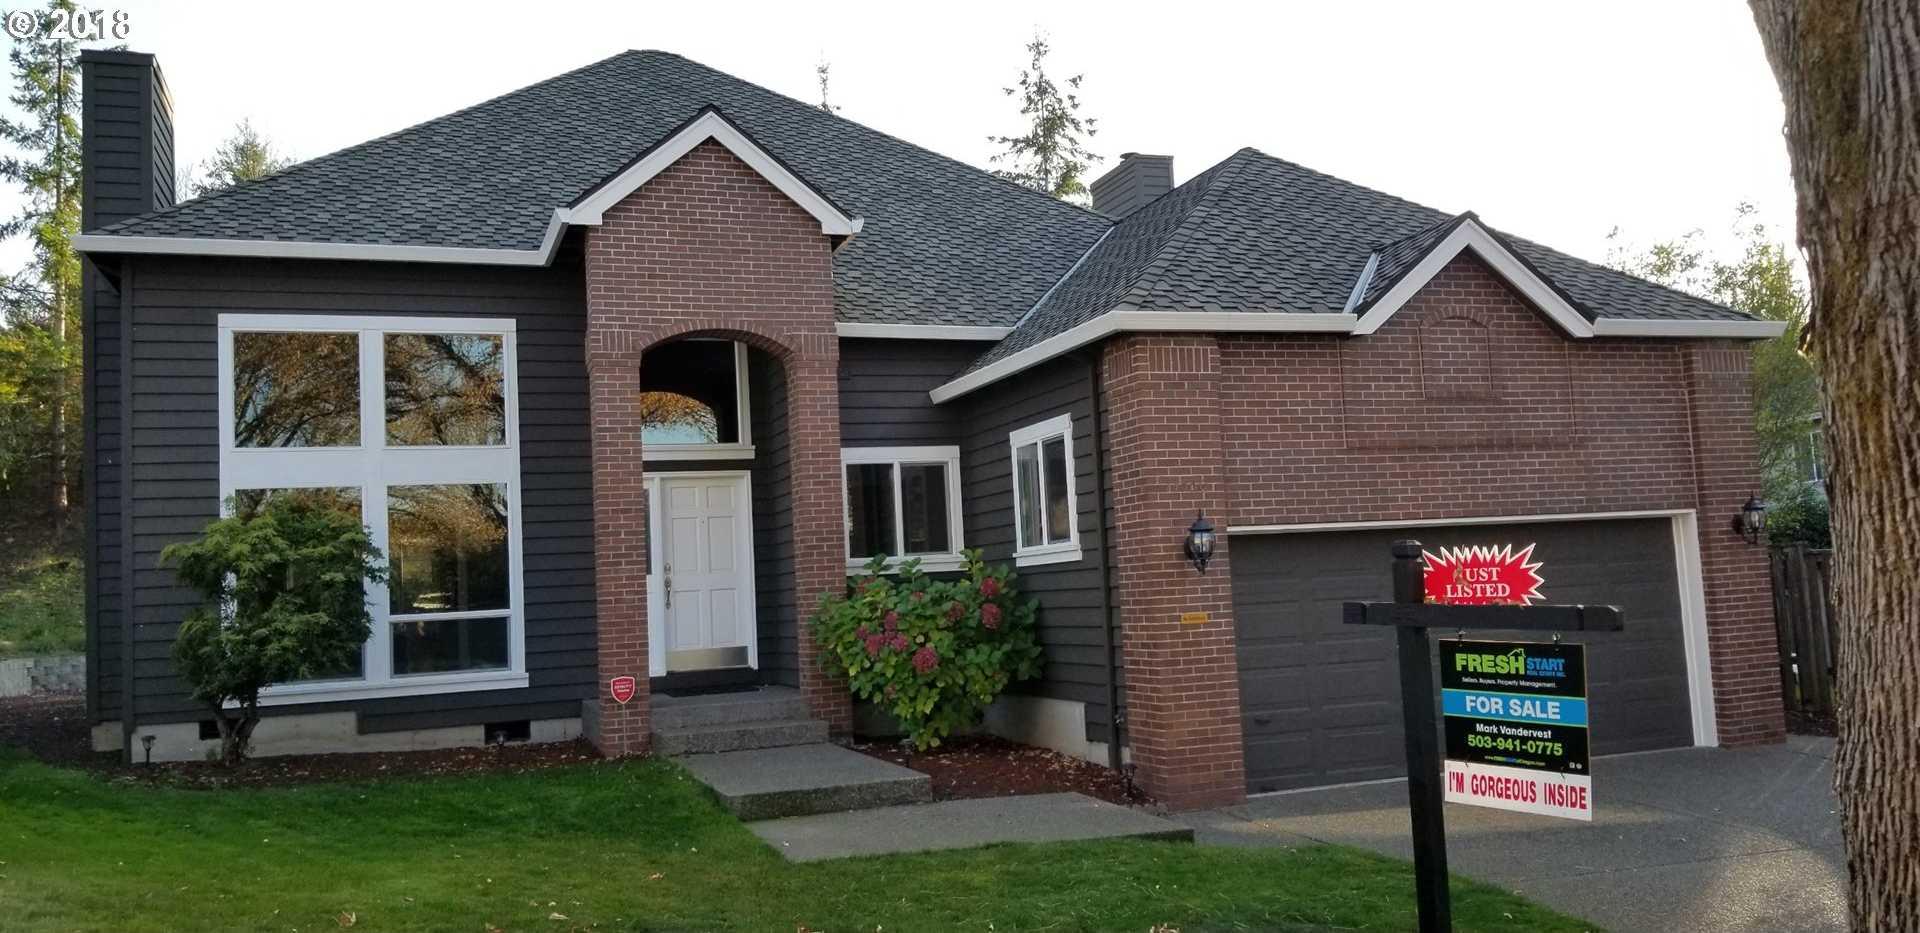 $549,900 - 4Br/3Ba -  for Sale in Sexton Mountain Meadows, Beaverton